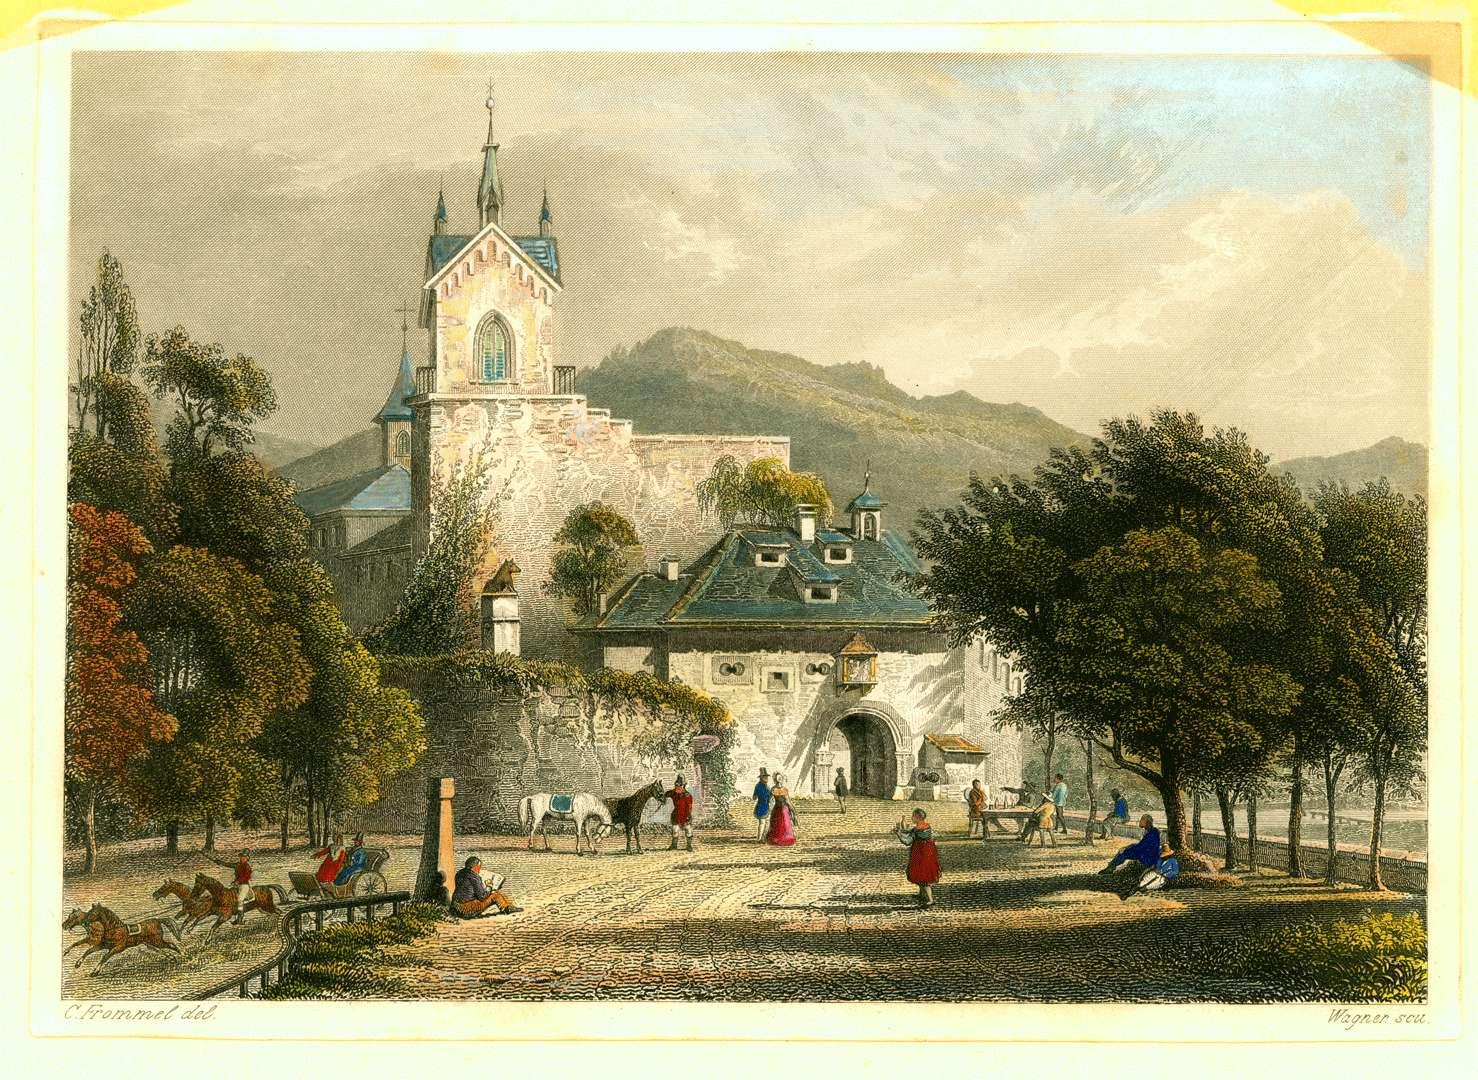 Eingang in das alte Schloss Eberstein, Bild 1